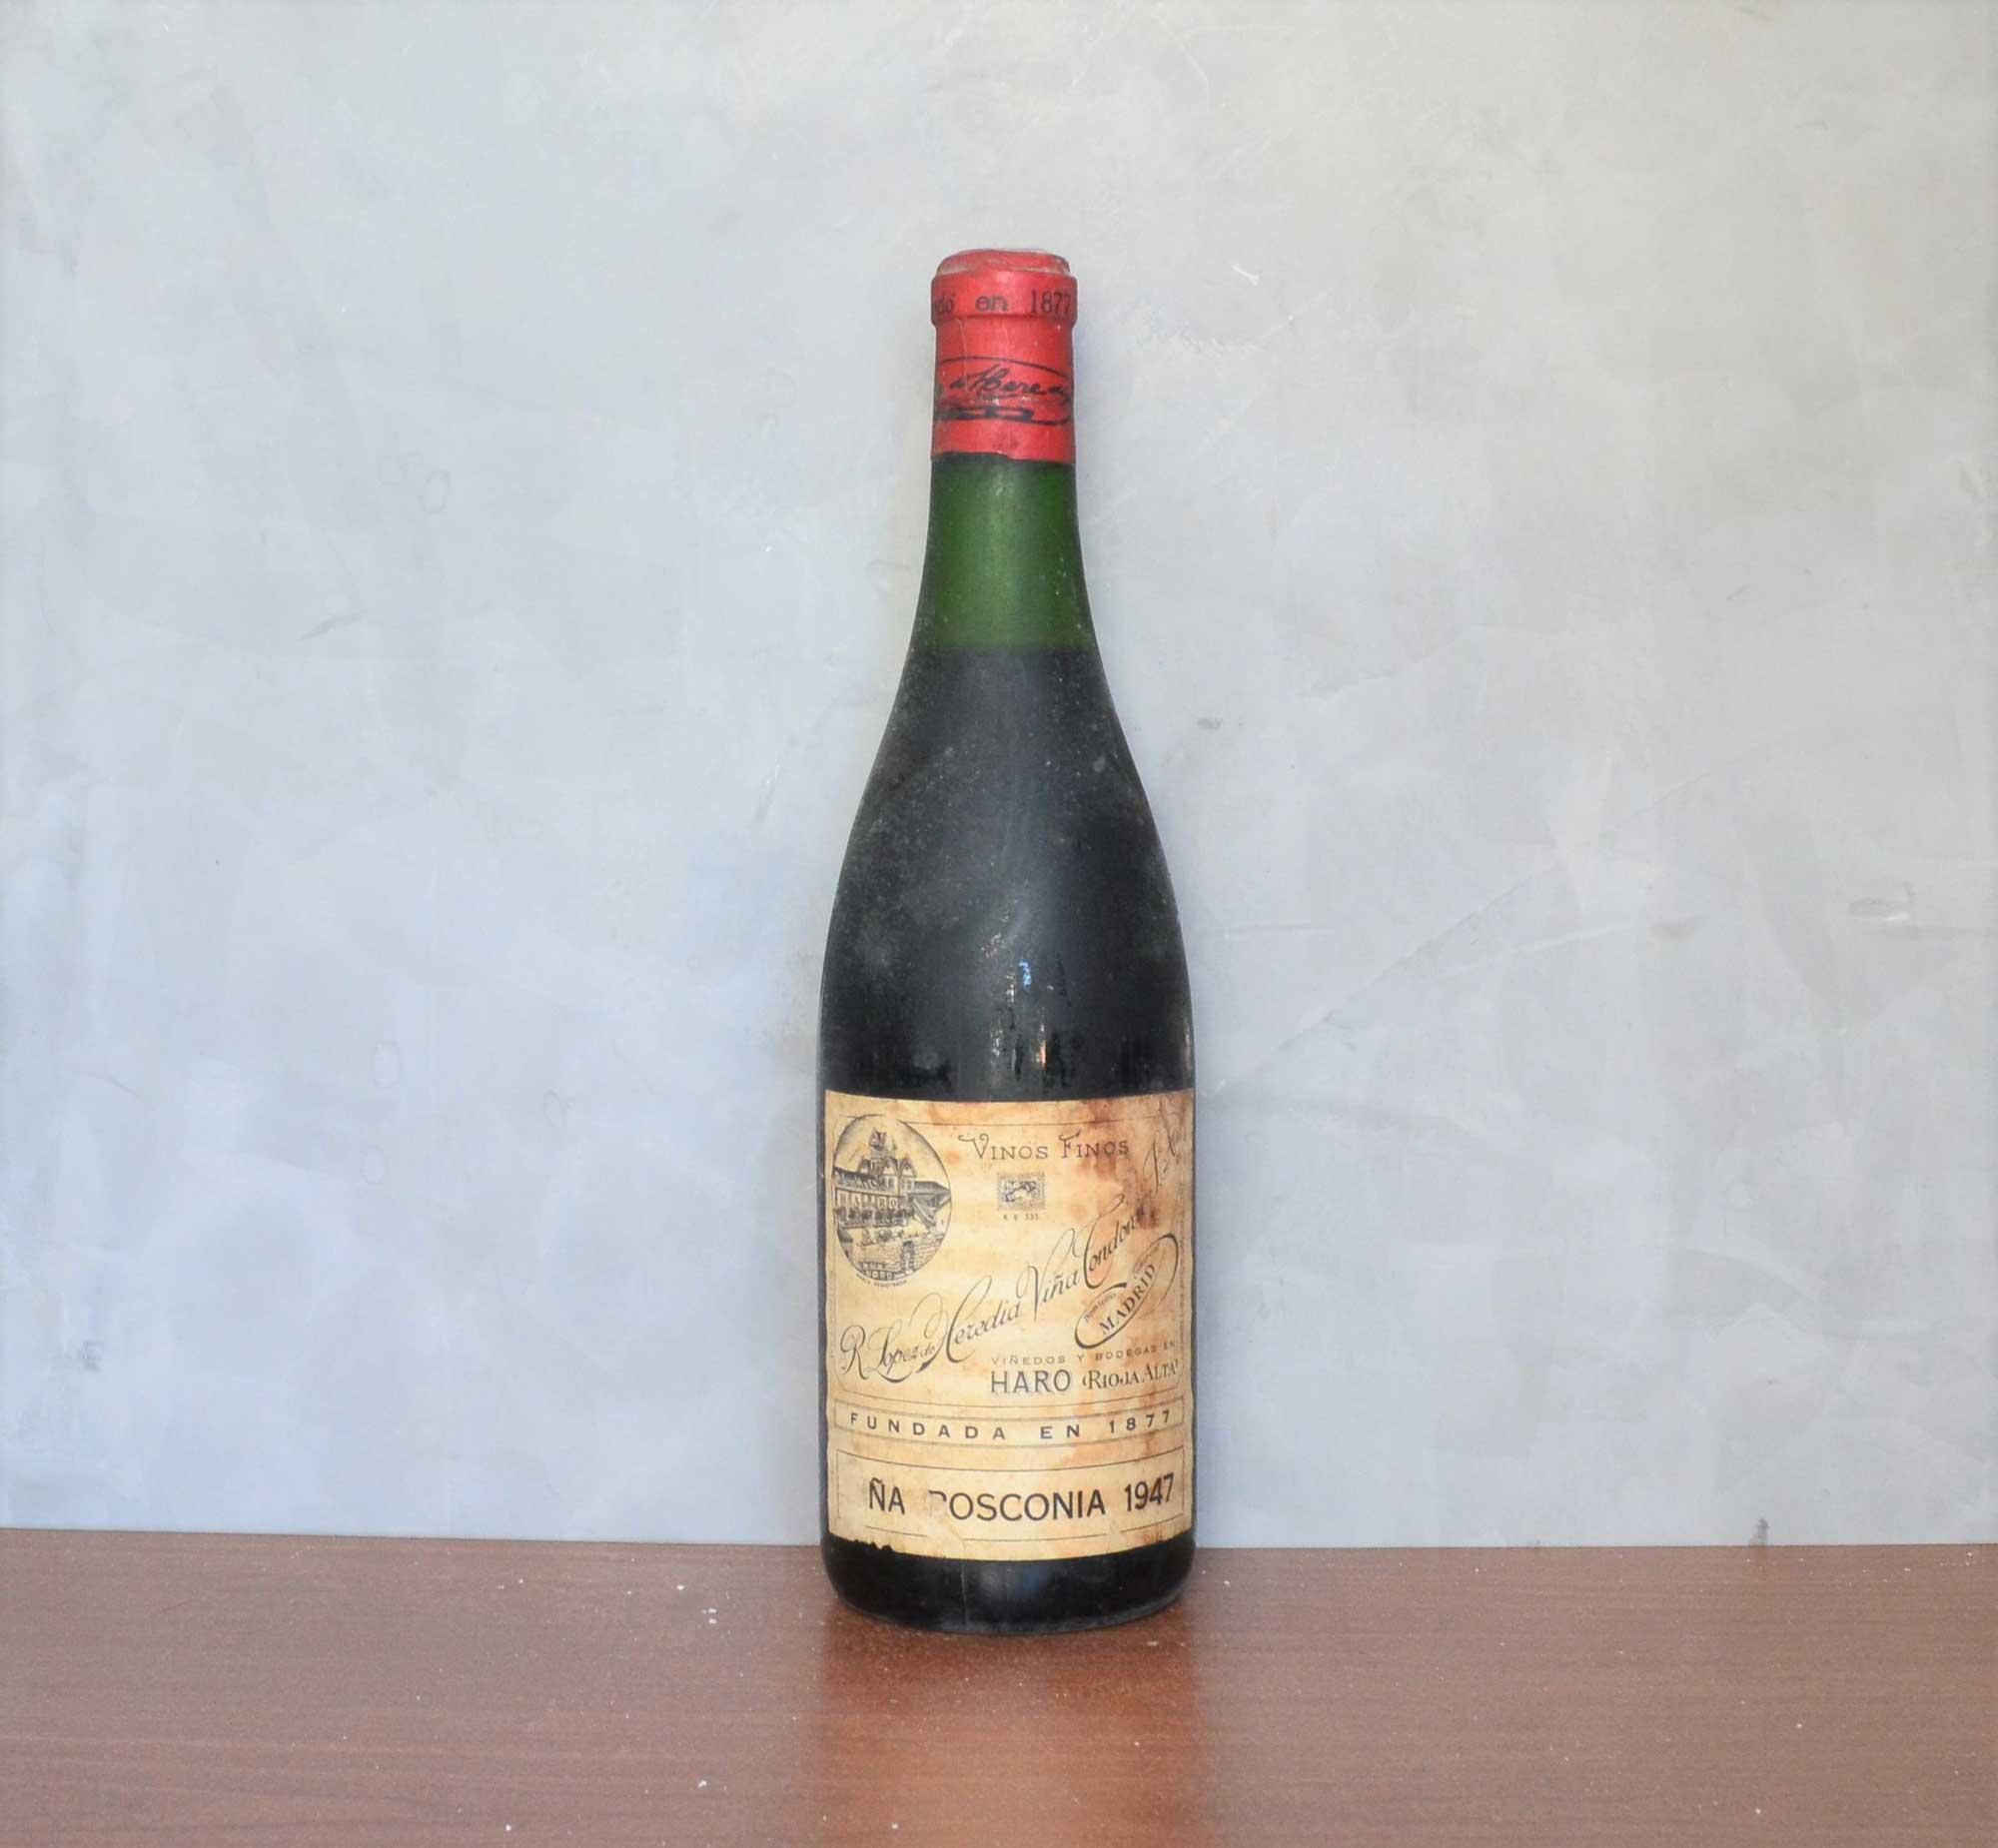 Viña Bosconia 1947